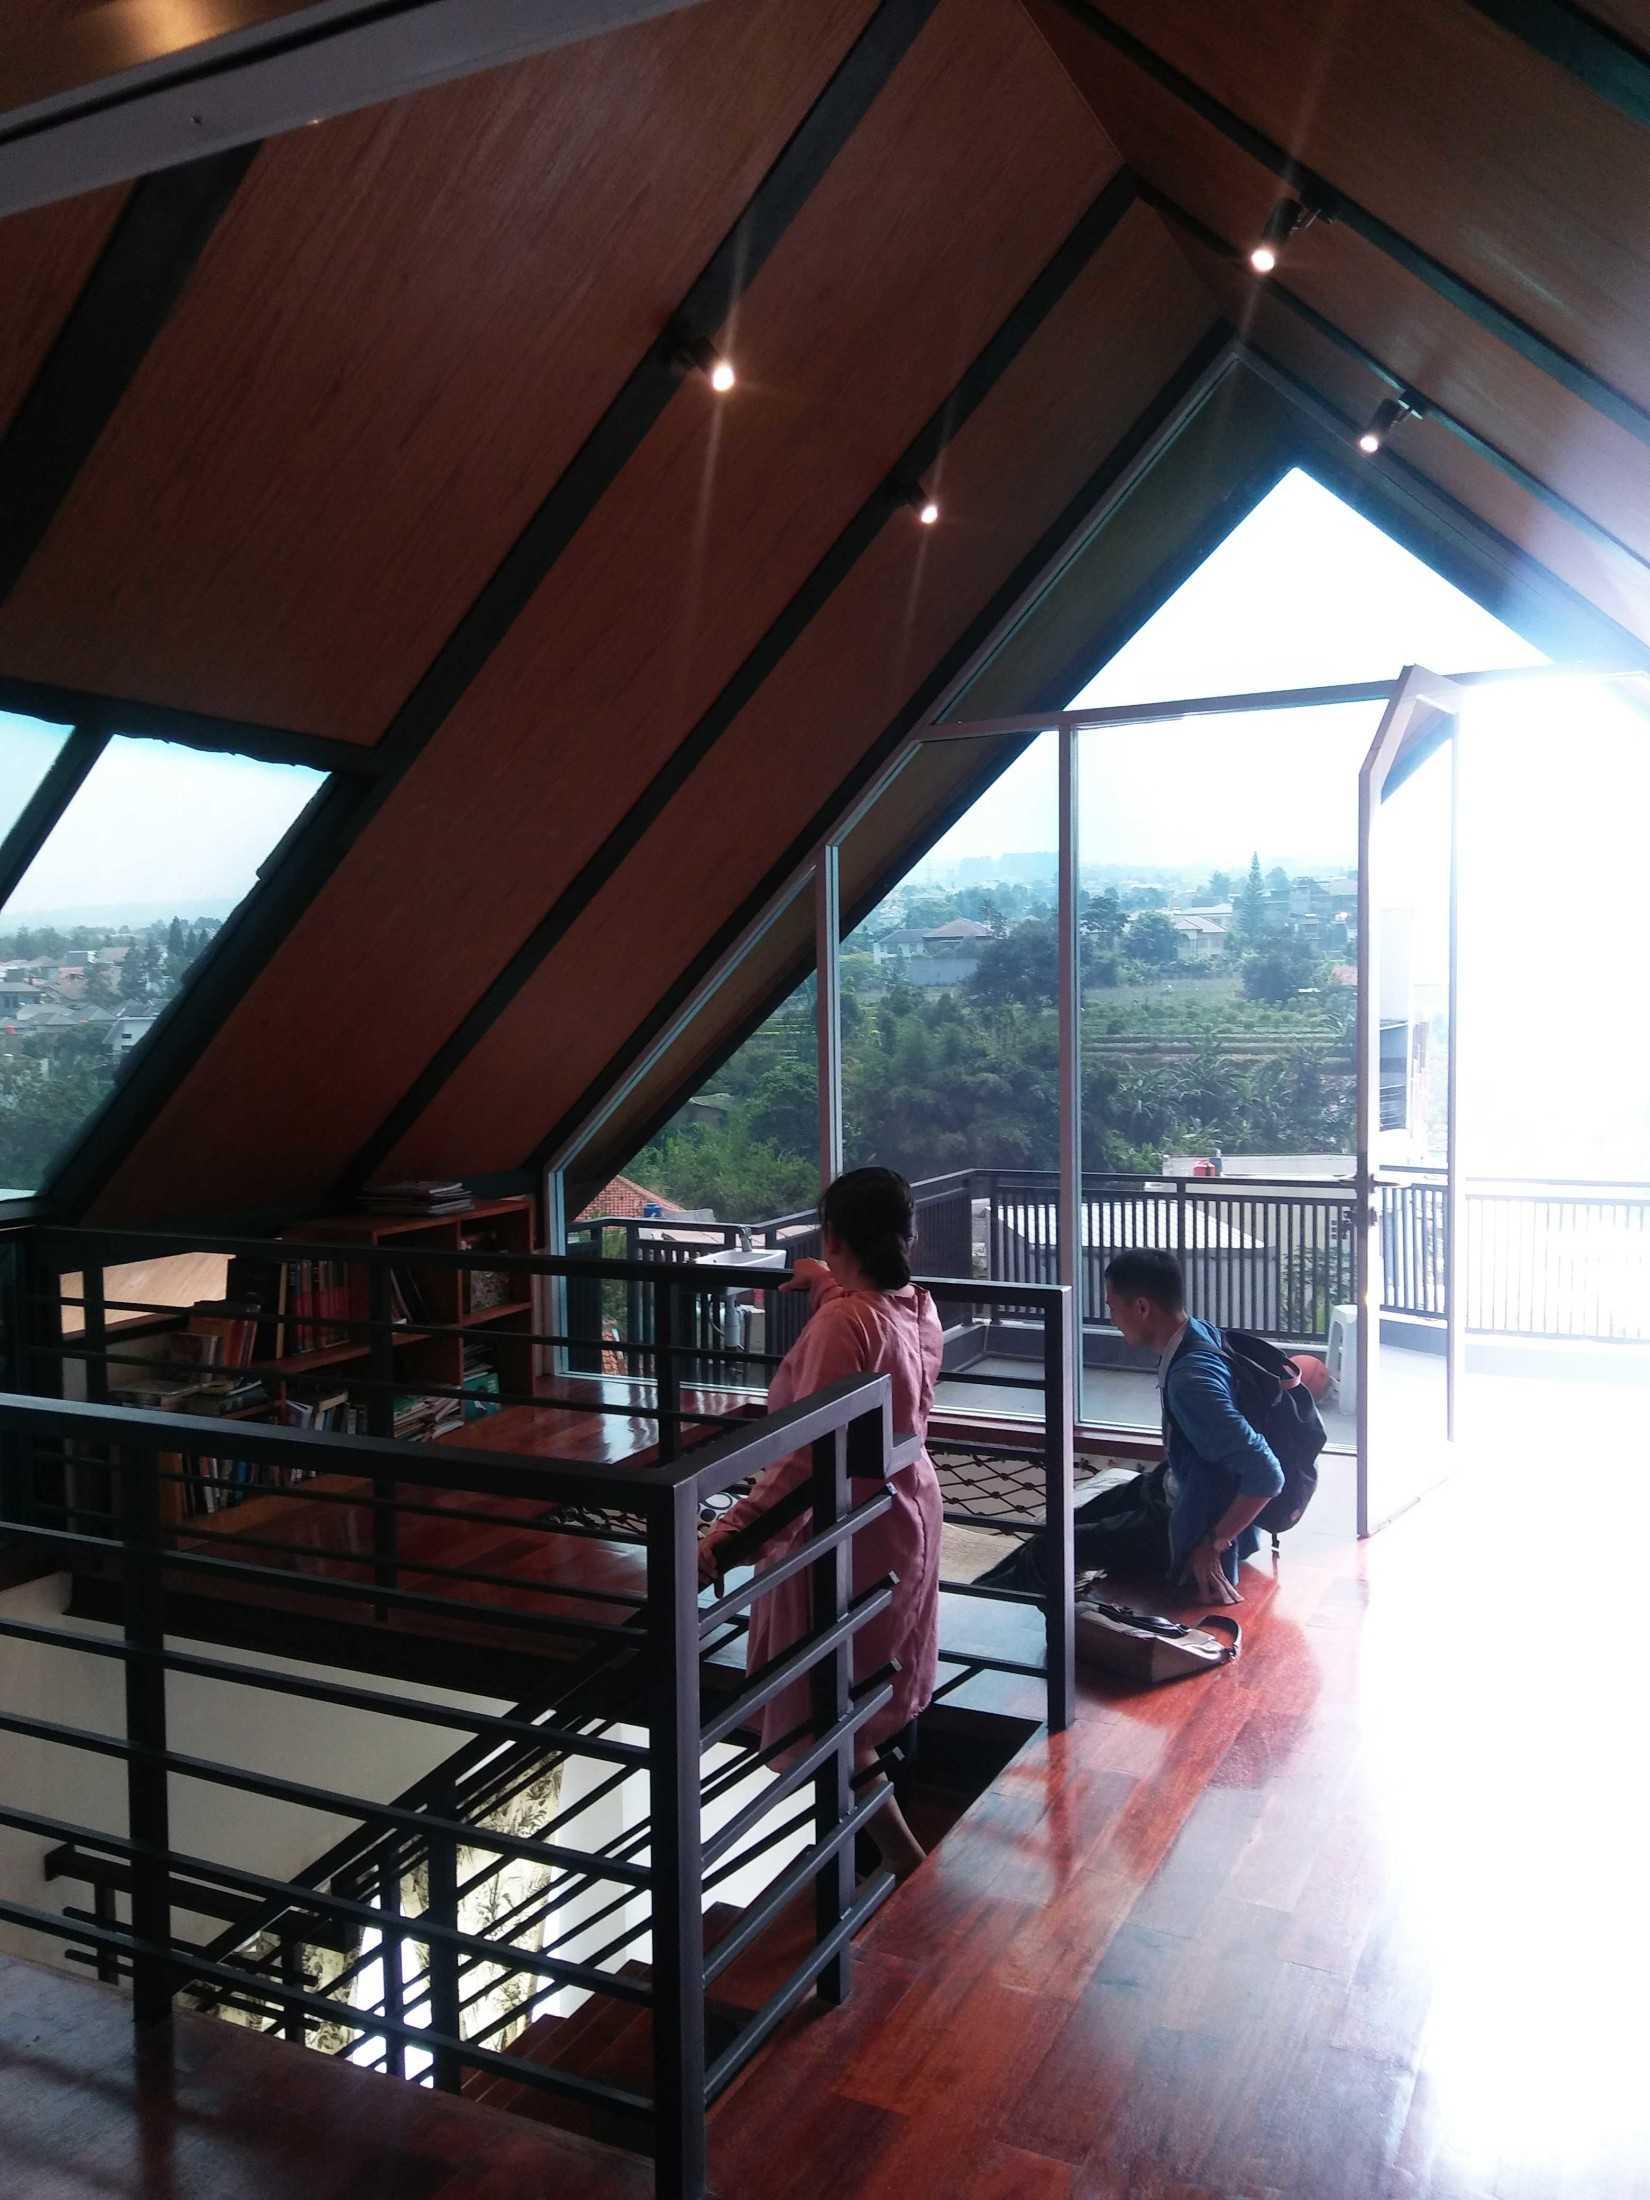 Atelier Ara Rumah Gerlong Bandung, Kota Bandung, Jawa Barat, Indonesia Bandung, Kota Bandung, Jawa Barat, Indonesia Atelier-Ara-Rumah-Gerlong  74326